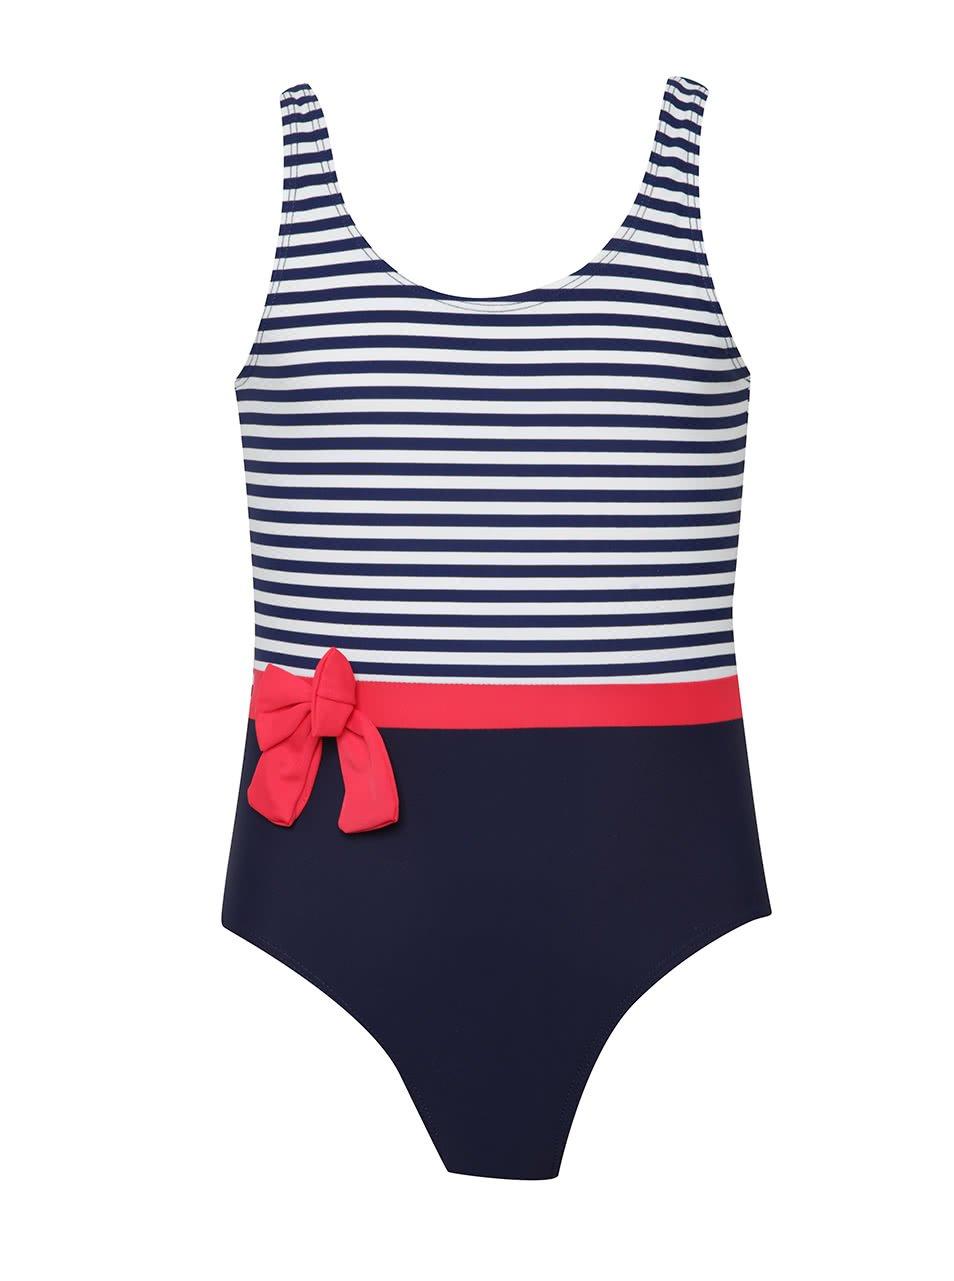 Bílo-modré holčičí pruhované plavky s červenou mašlí 5.10.15.